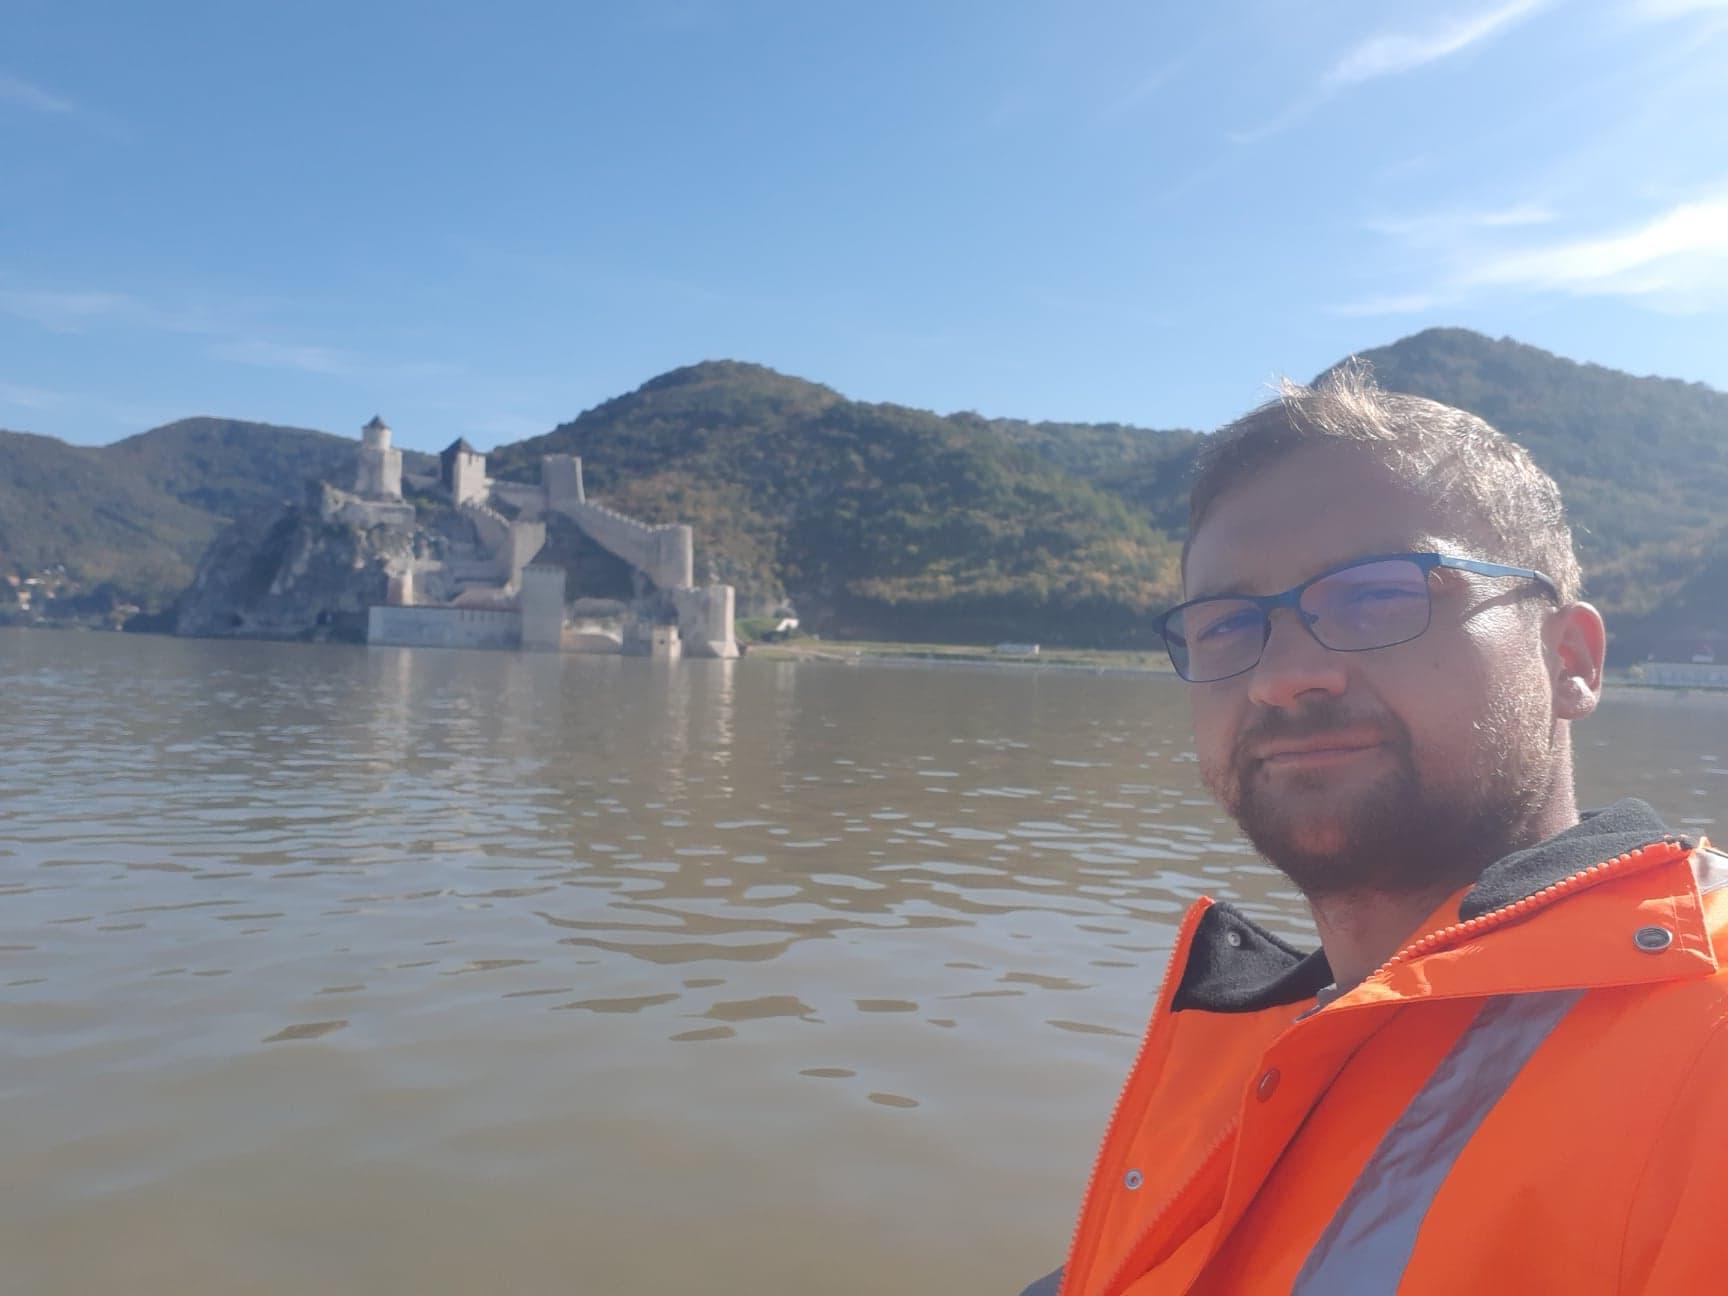 <a href='https://www.arheologi.ro/arheolog/1426/'>Georgescu Viorel-Ștefan</a>